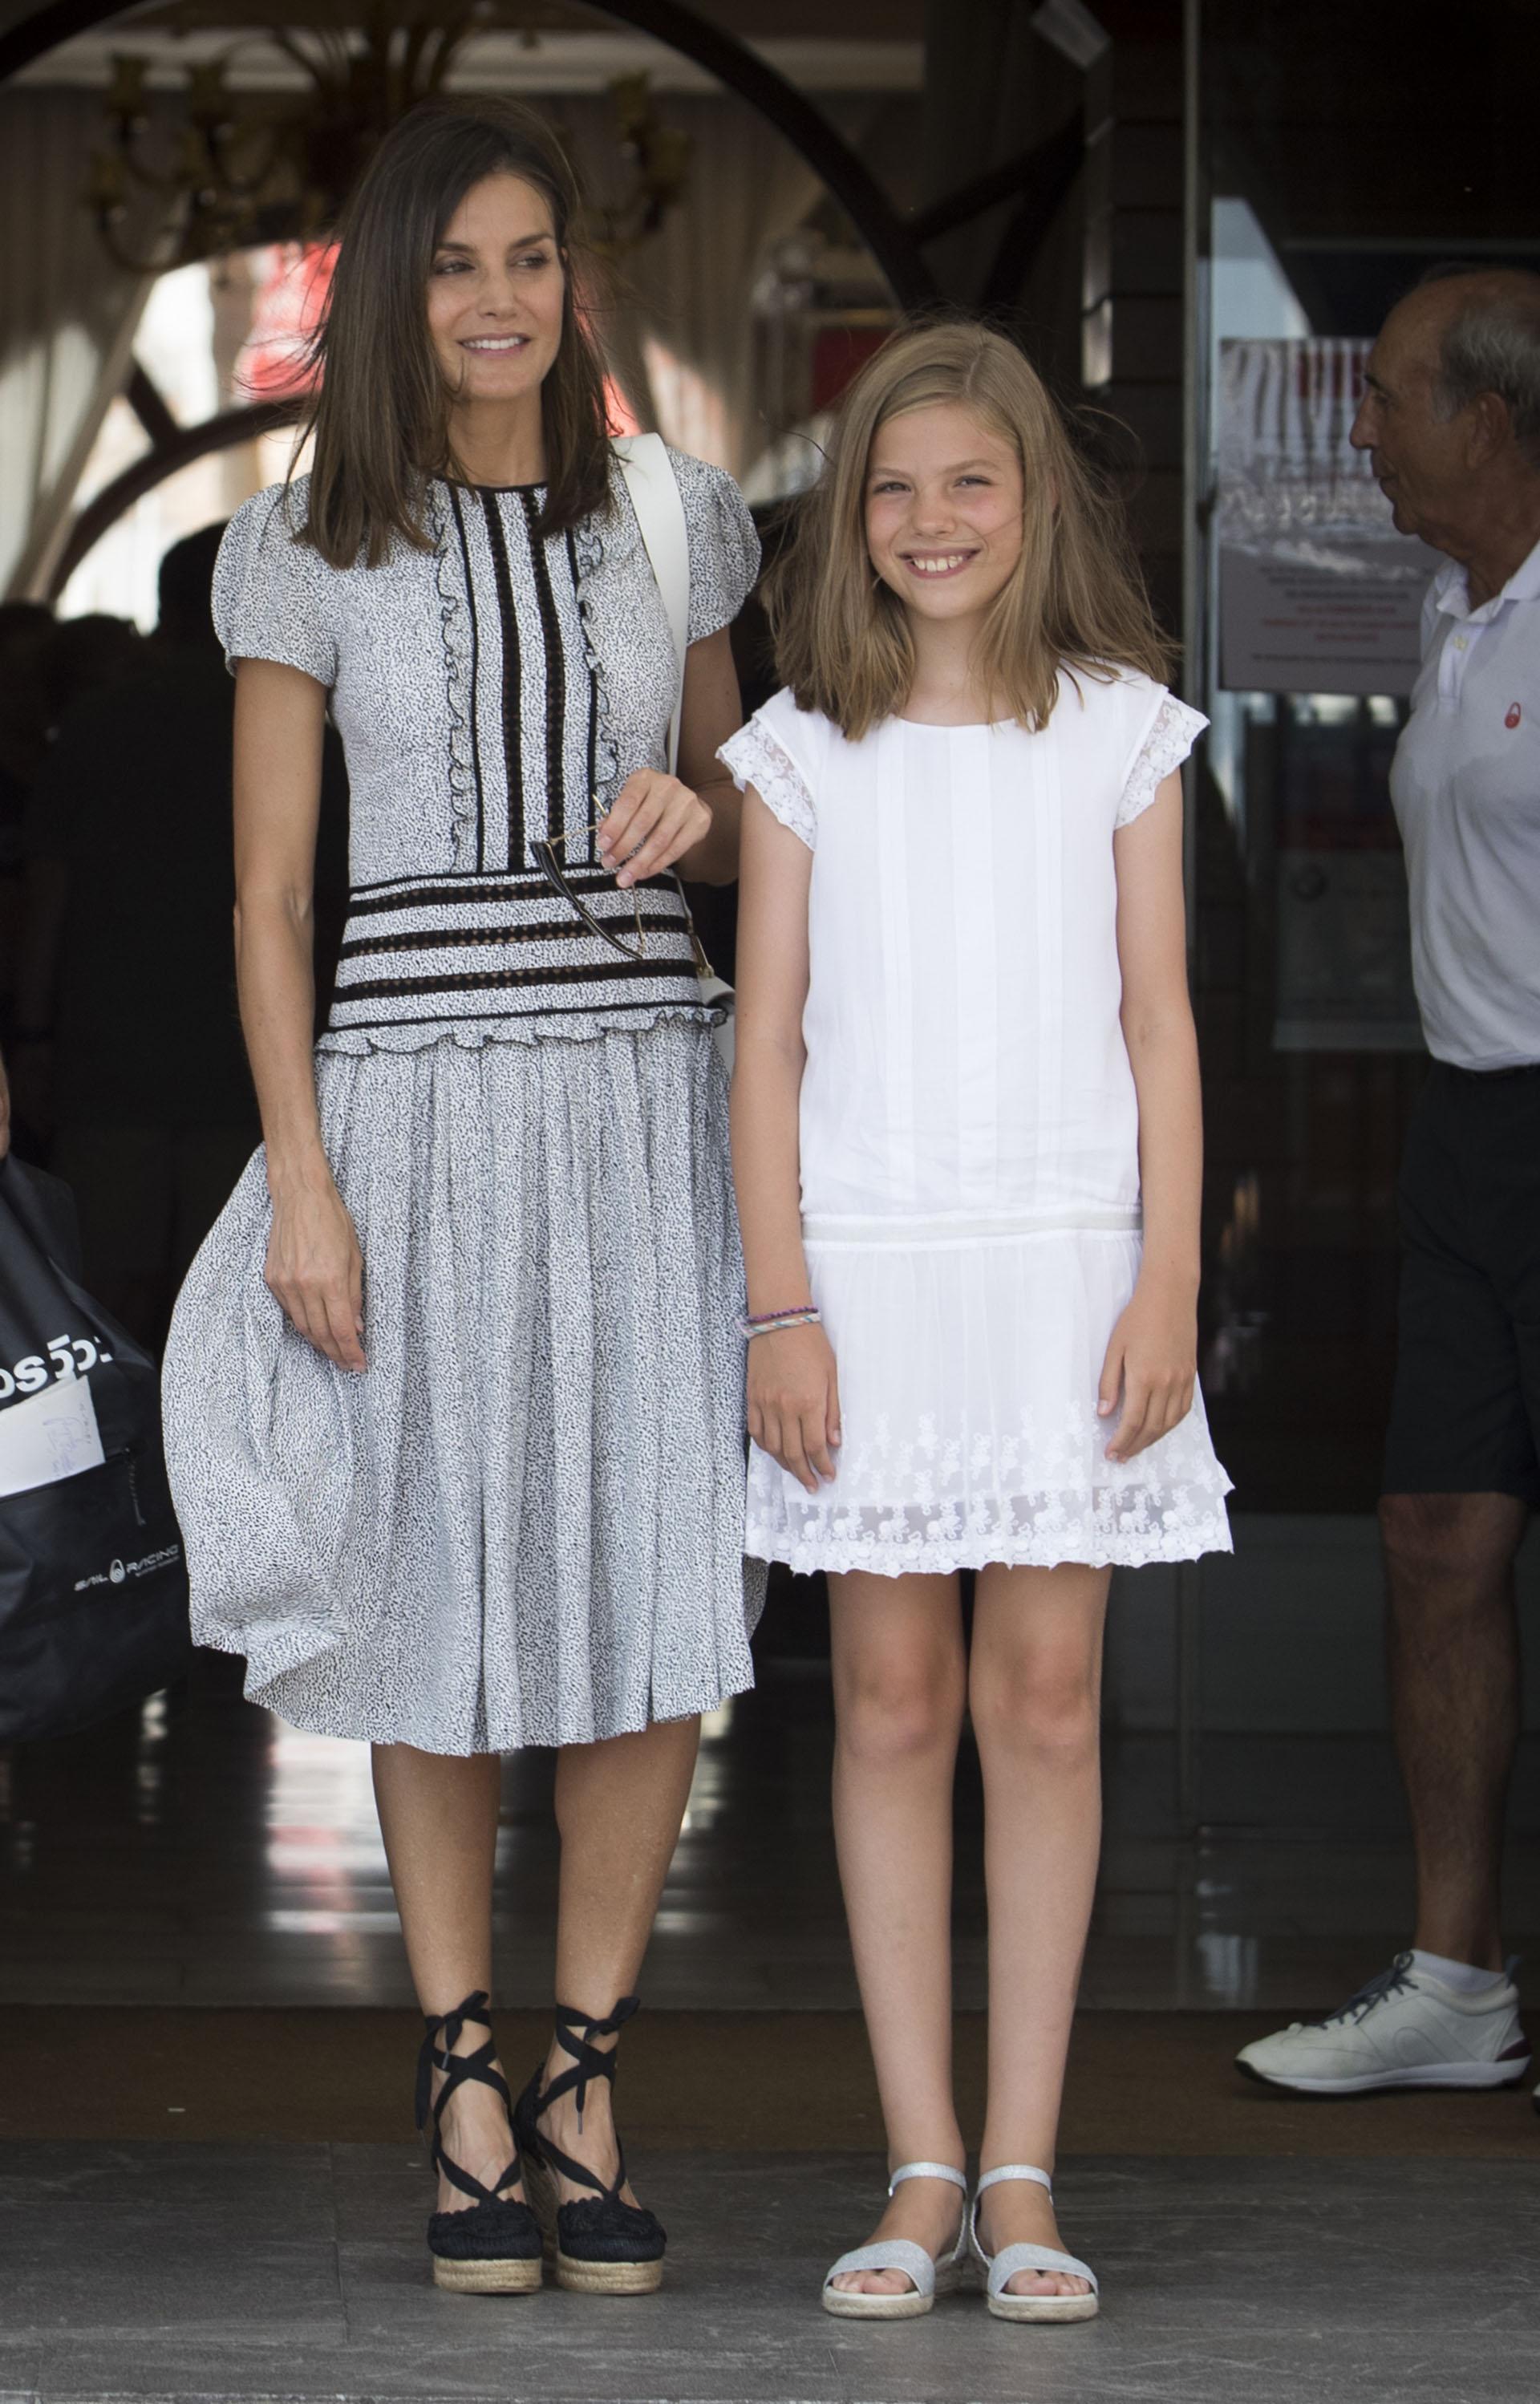 Sofía junto a madre, quien lució un glamoroso look de día compuesto por un vestido gris con detalles negros, que combinaban con sus zapatos con tiras en los tobillos